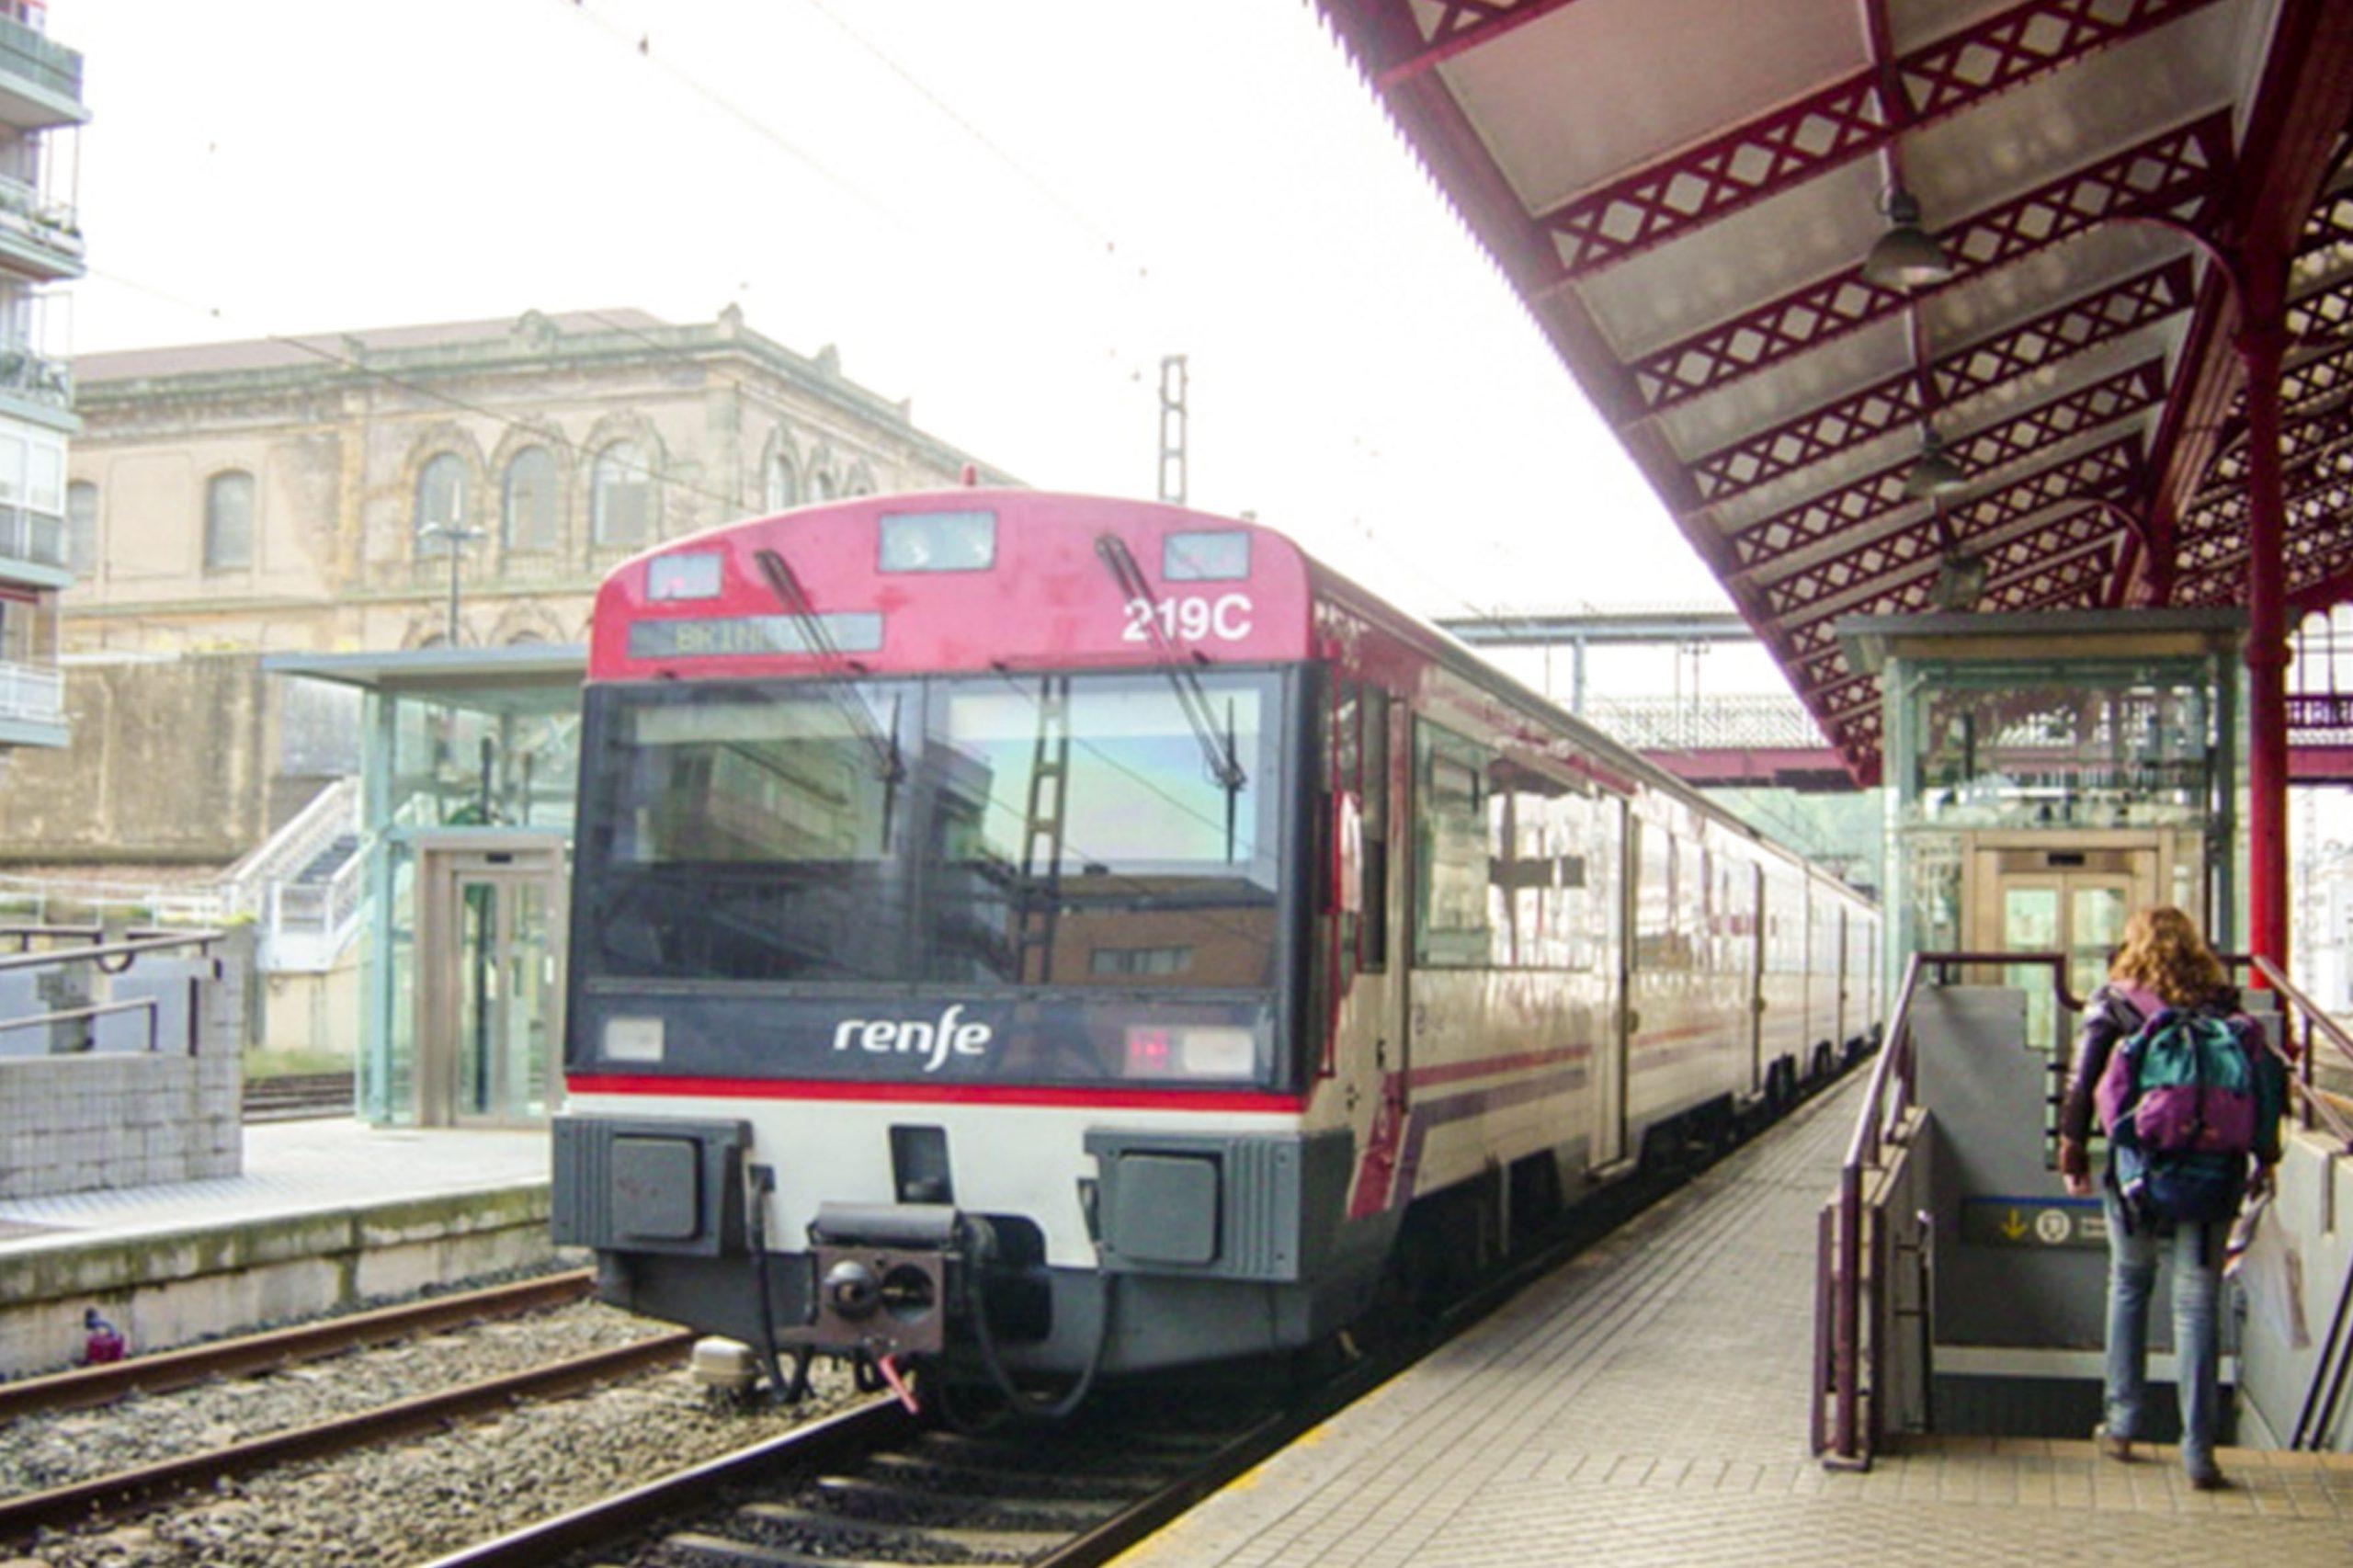 Estación de Tren en Bilbao, España